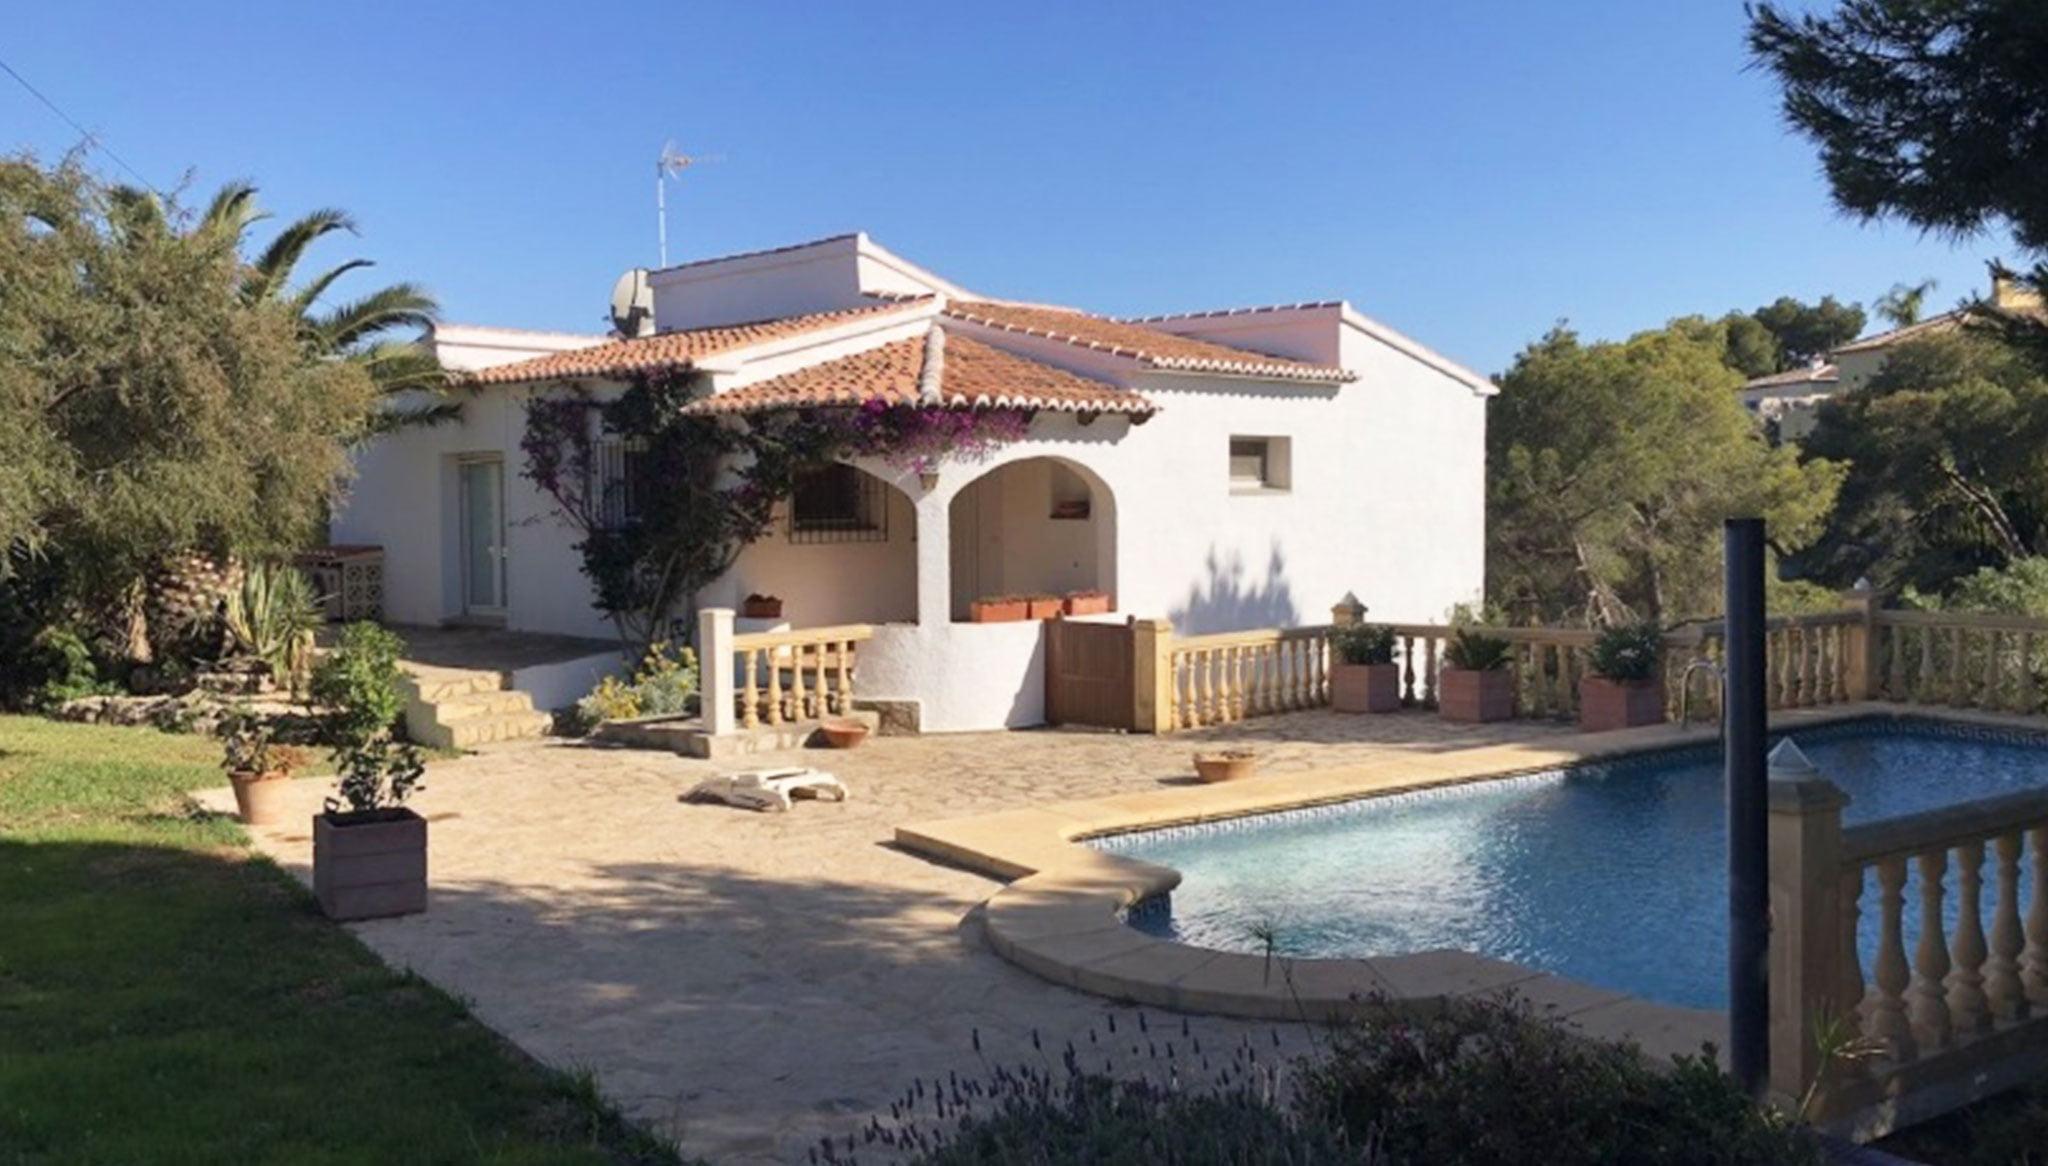 Fachada de una villa en venta en la zona Ambolo – Terramar Costa Blanca